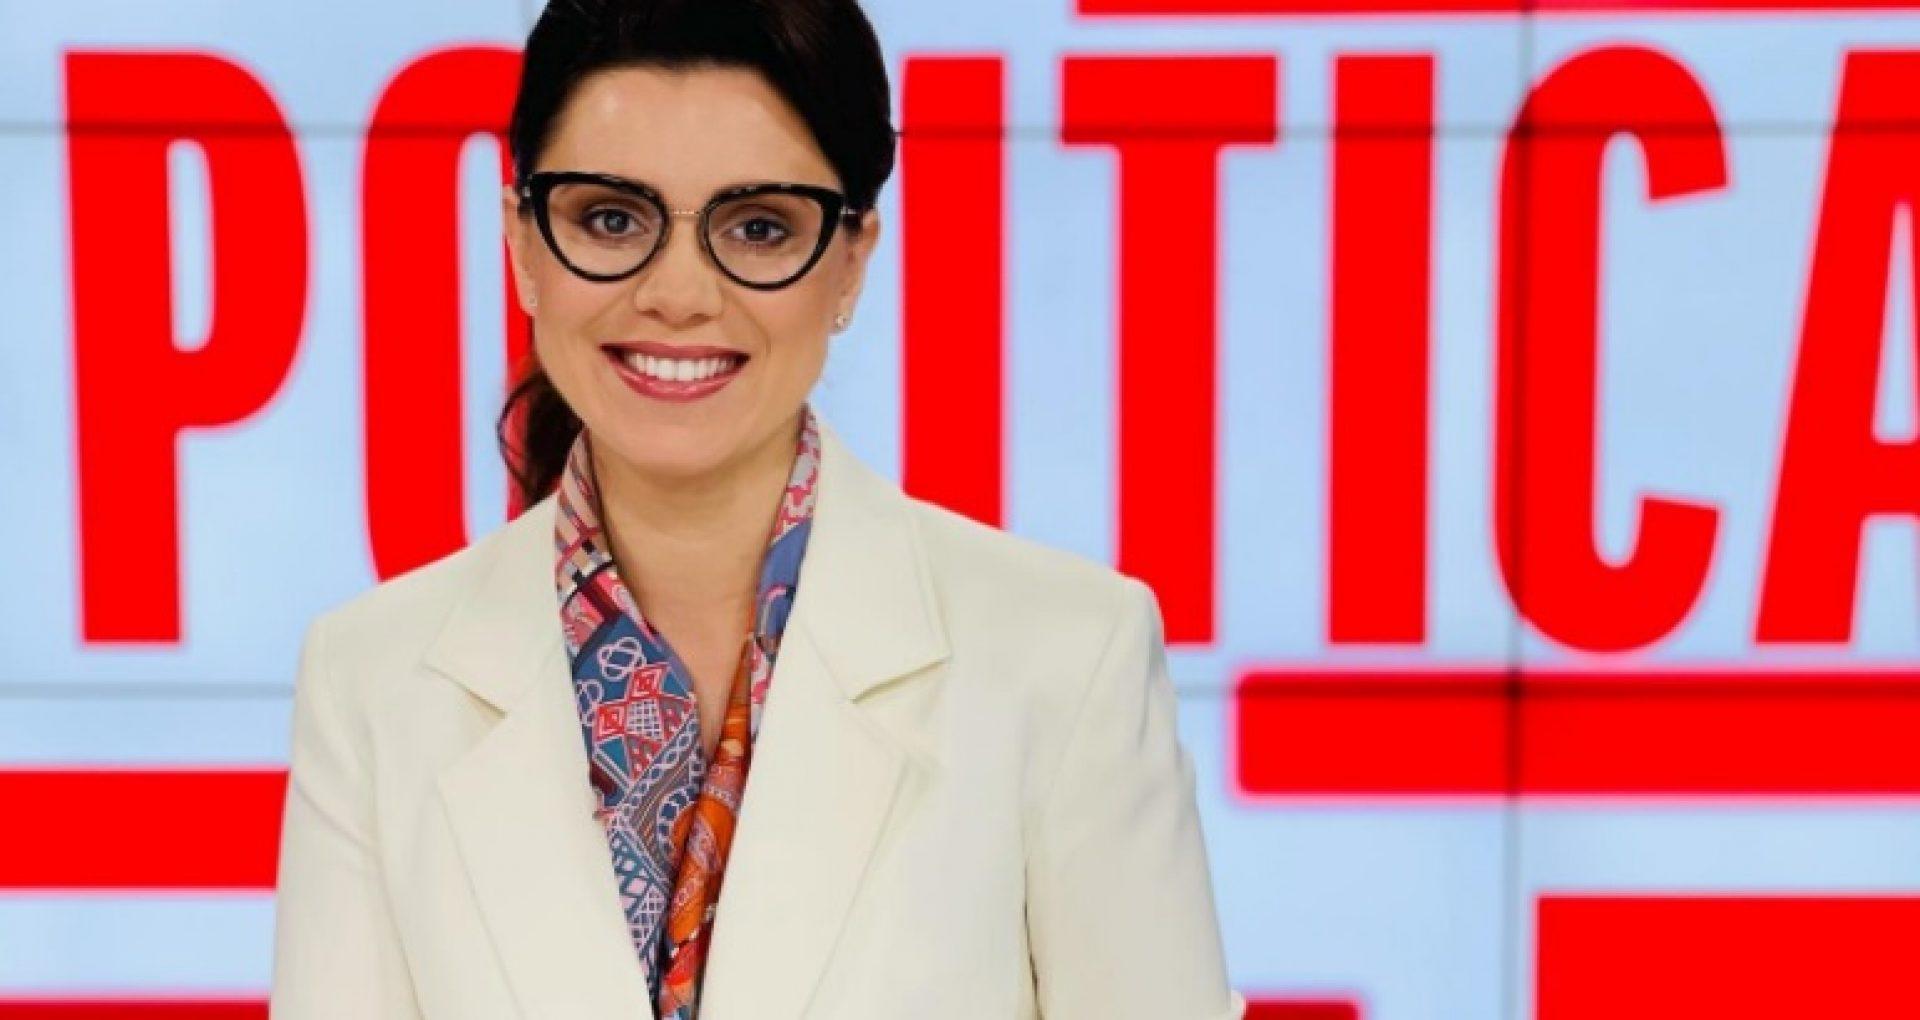 Foto: Natalia Morari a dat în judecată postul de televiziune TV8